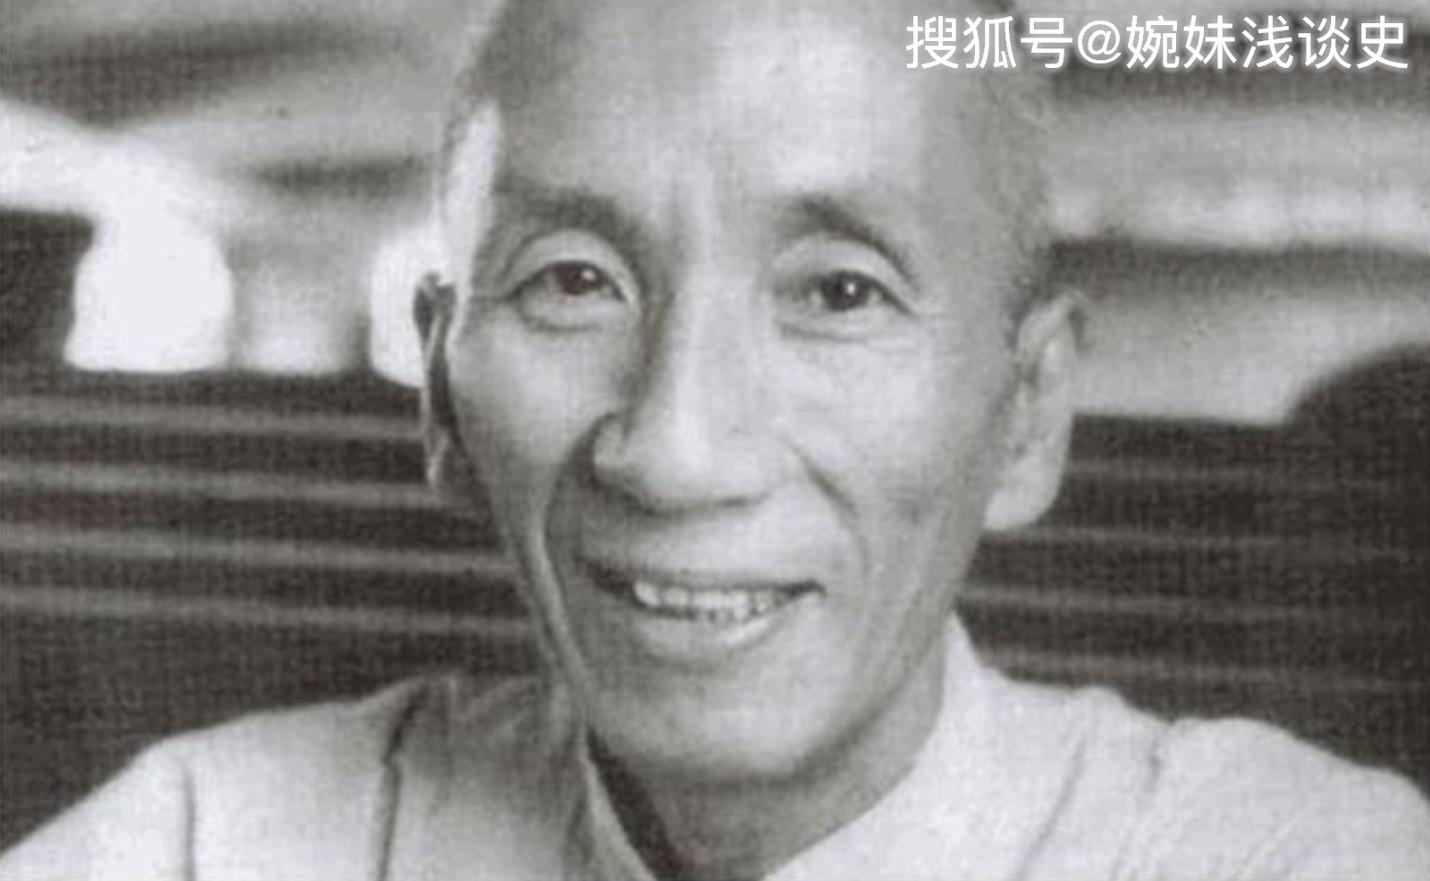 安倍再次当选日本首相,为什么日本民众喜欢右翼的安倍?